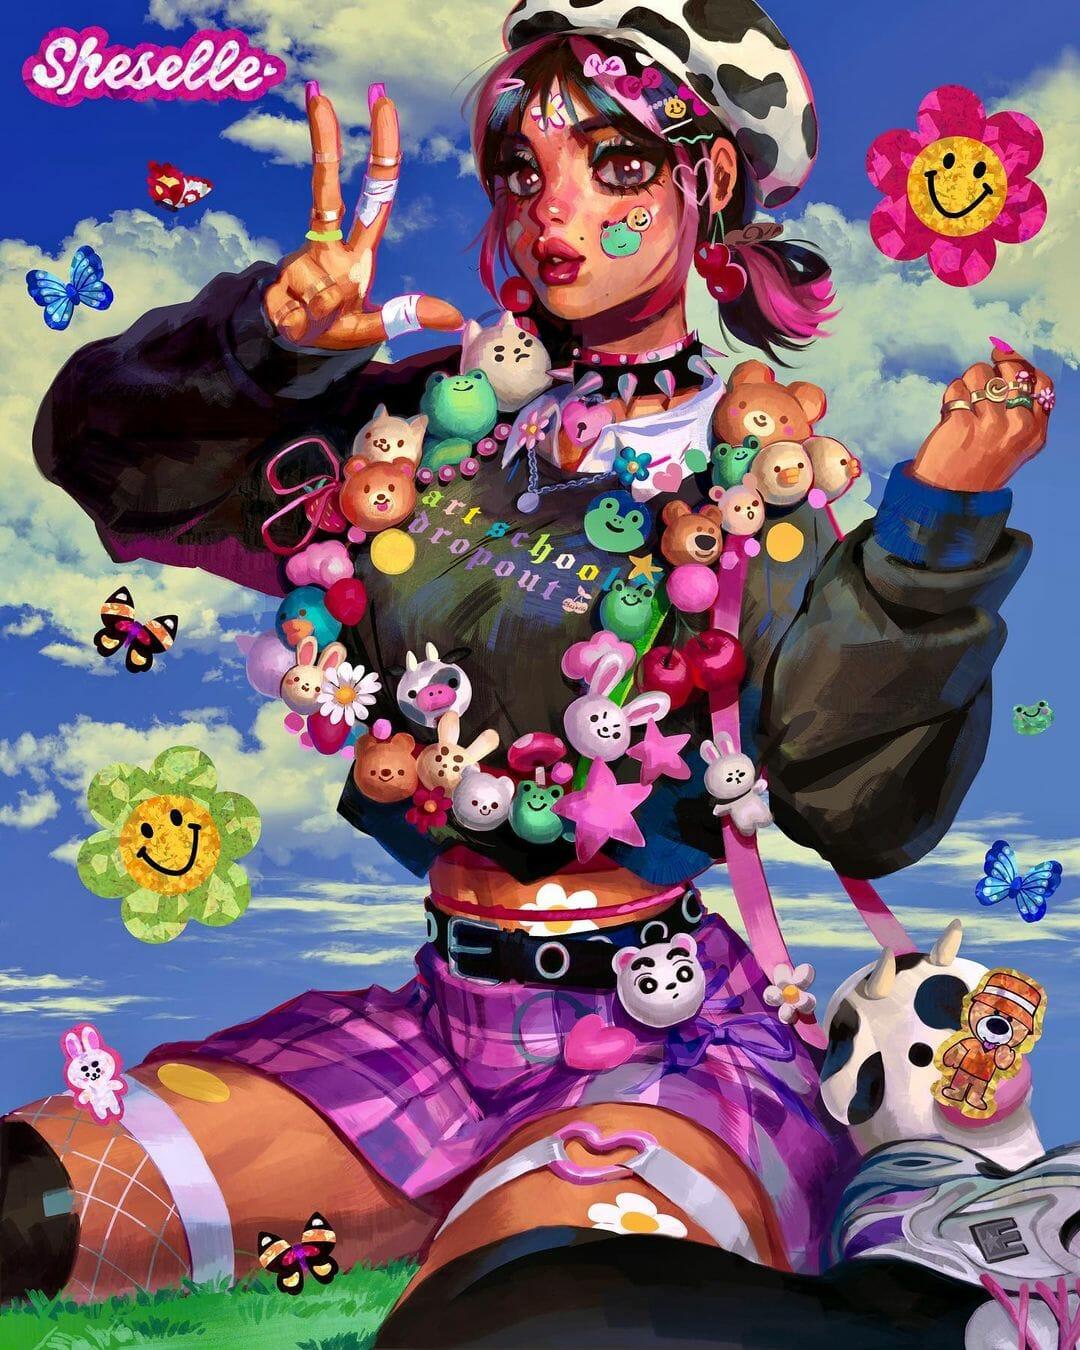 Illustration type manga d'une jeune fille accroupie.